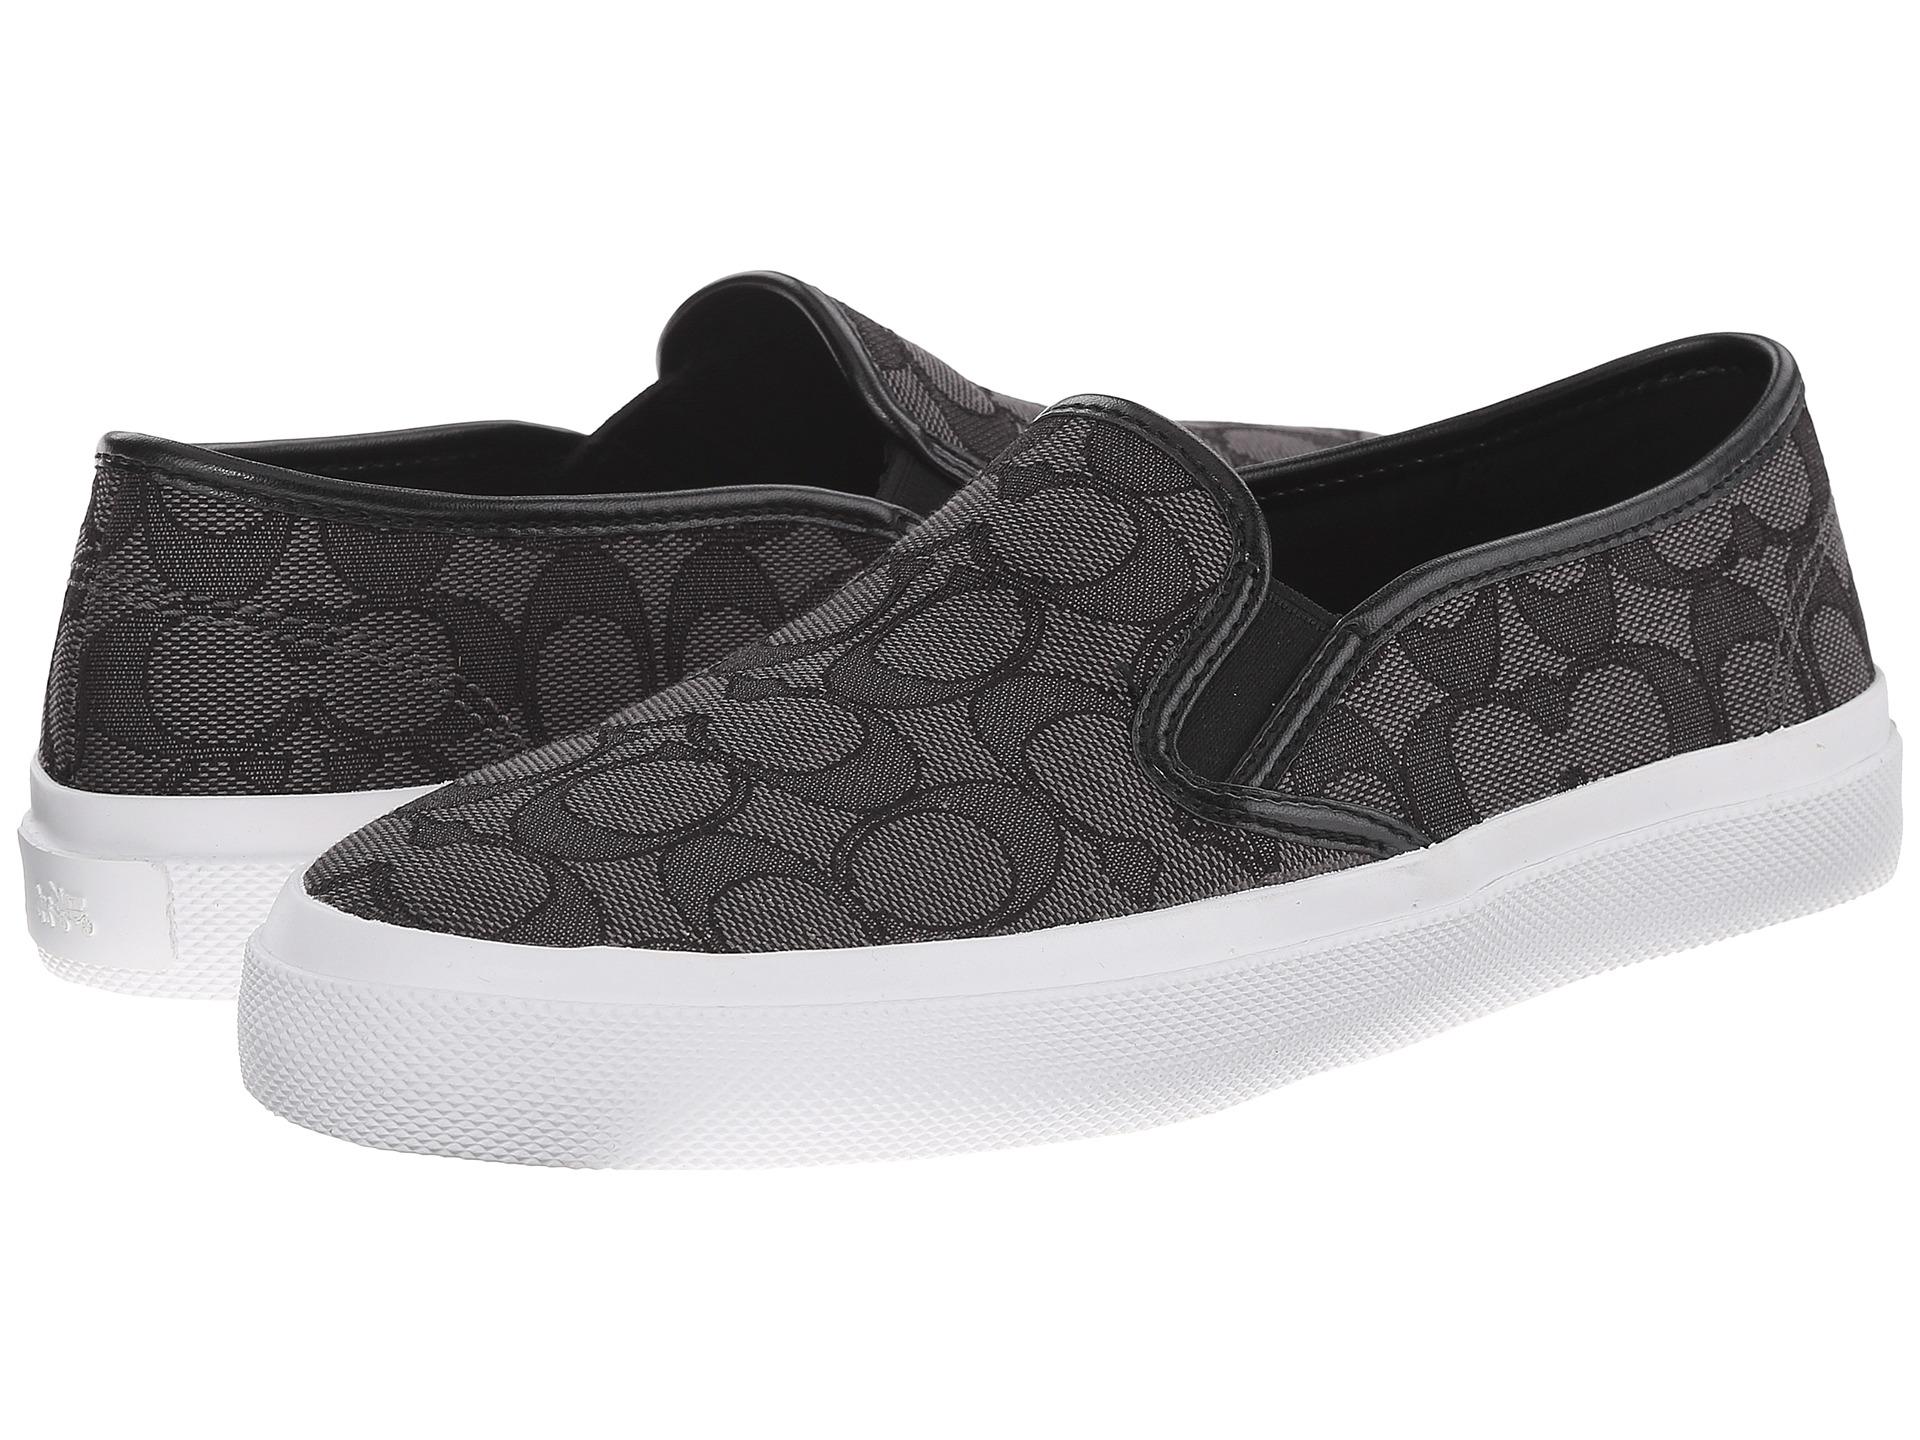 코치 크리시 아웃라인 스니커즈 시그니처 블랙 COACH Chrissy Outline Sneakers Black Signature C Nappa